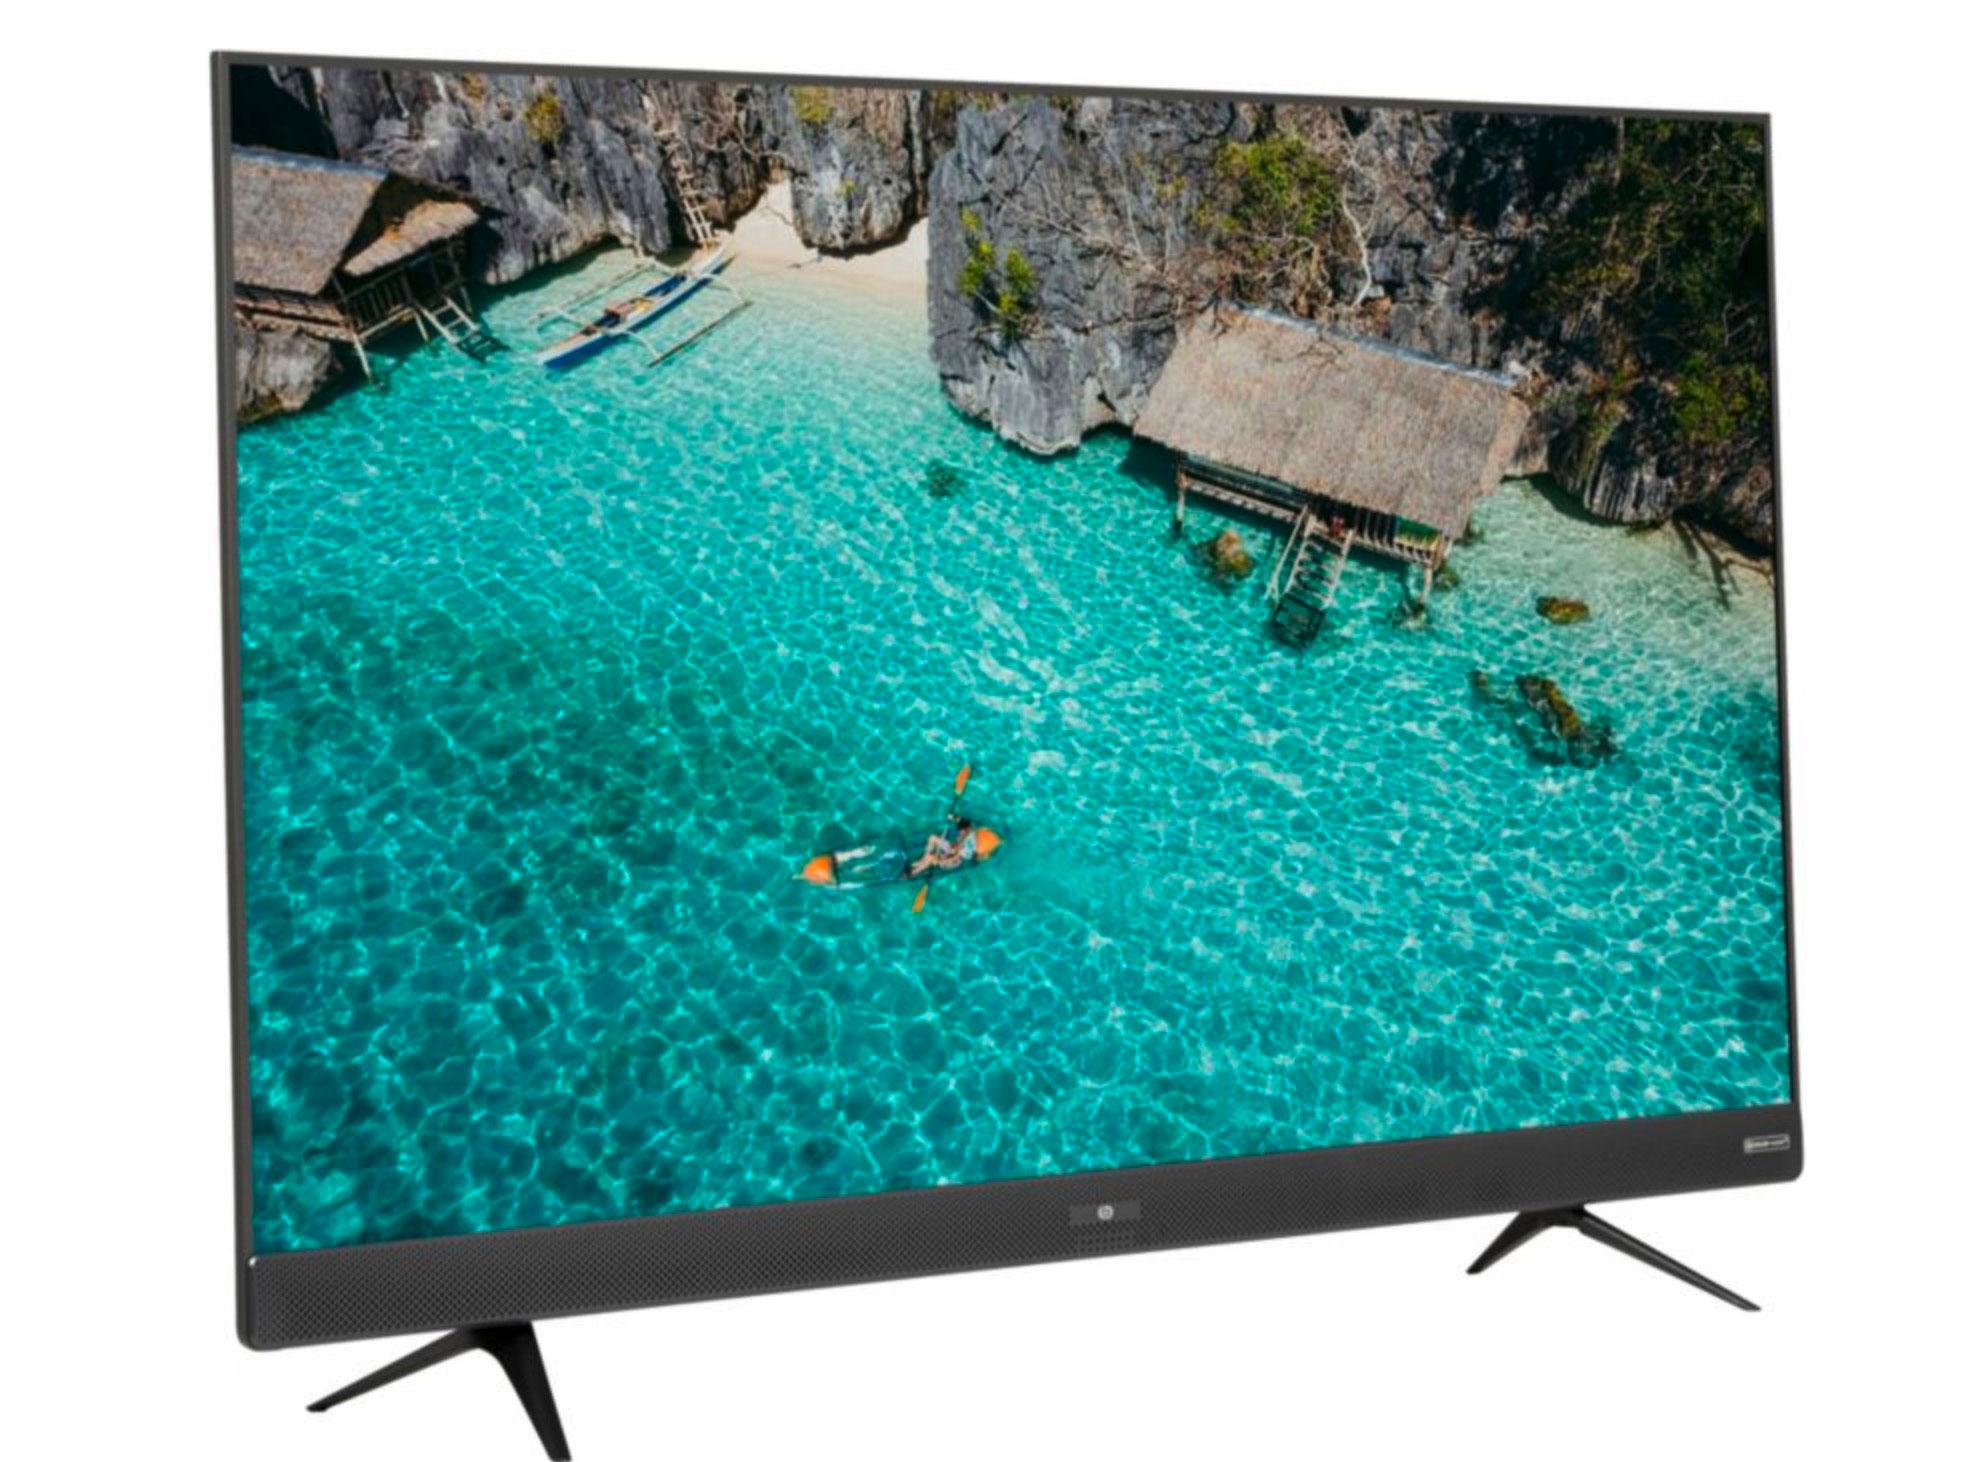 Le TV LED Essentielb 43UHD-A6000-Smart TV